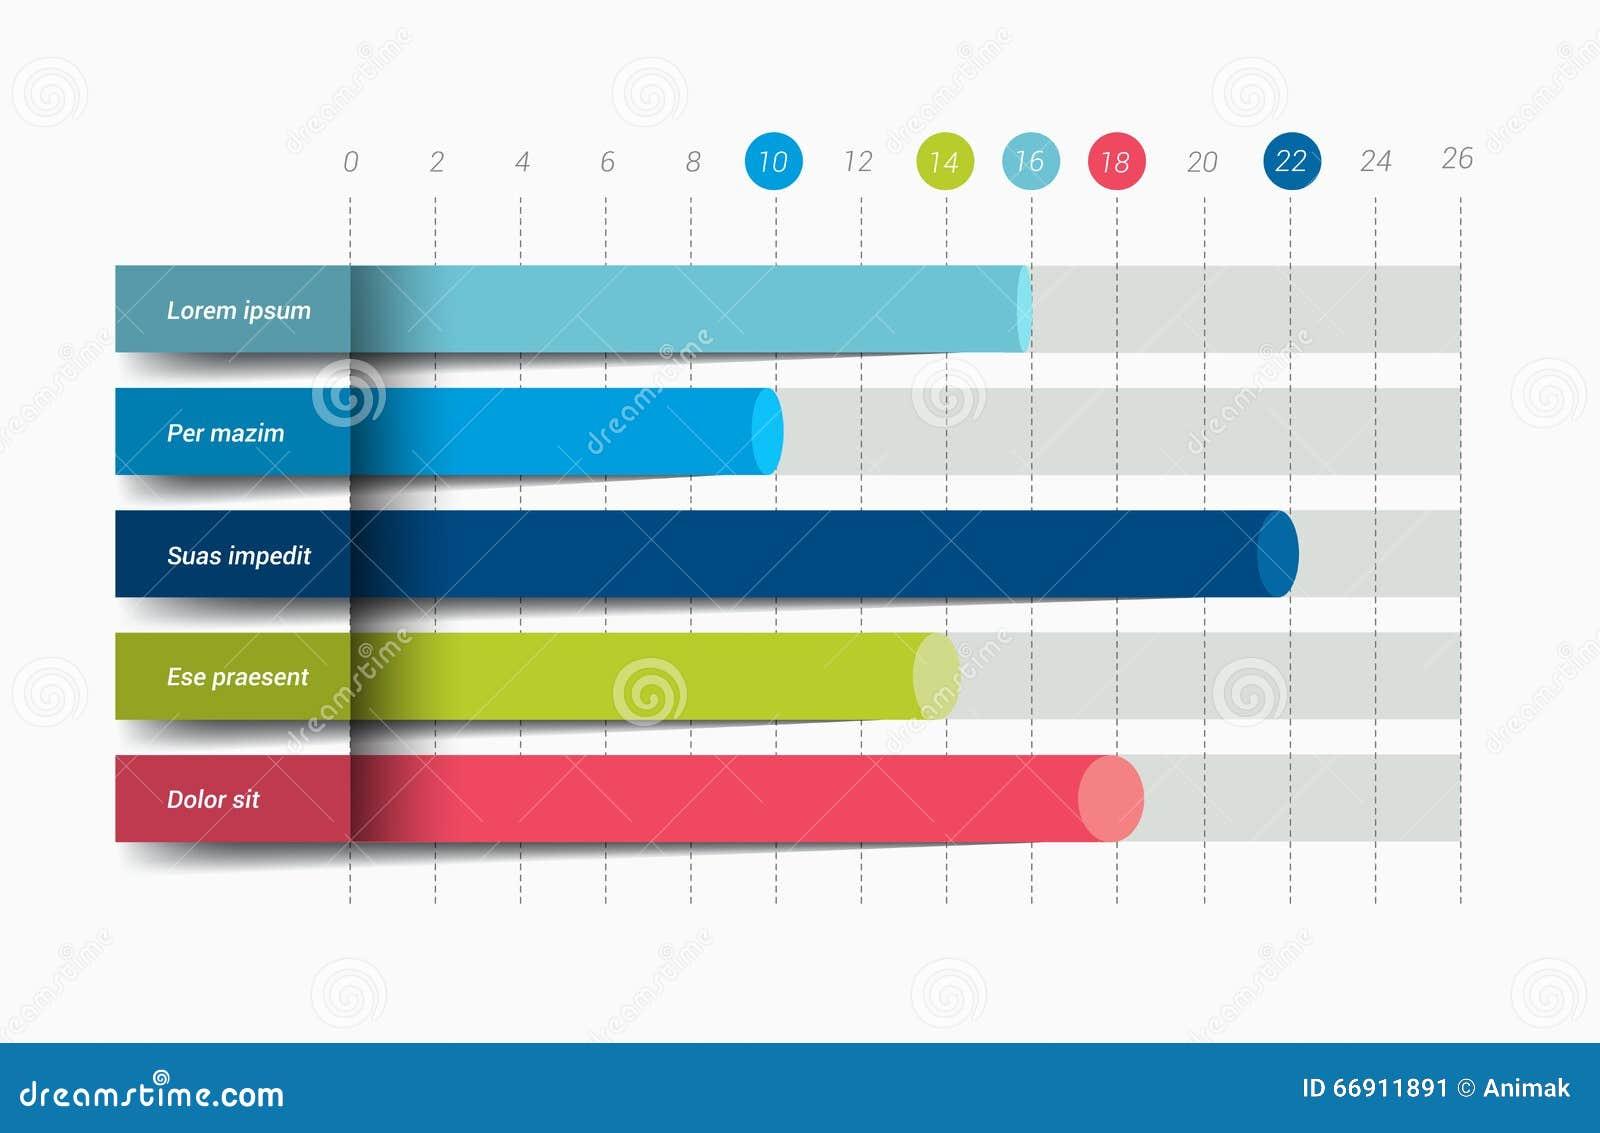 Gemütlich Diagramm Einer Einfachen Schaltung Zeitgenössisch ...